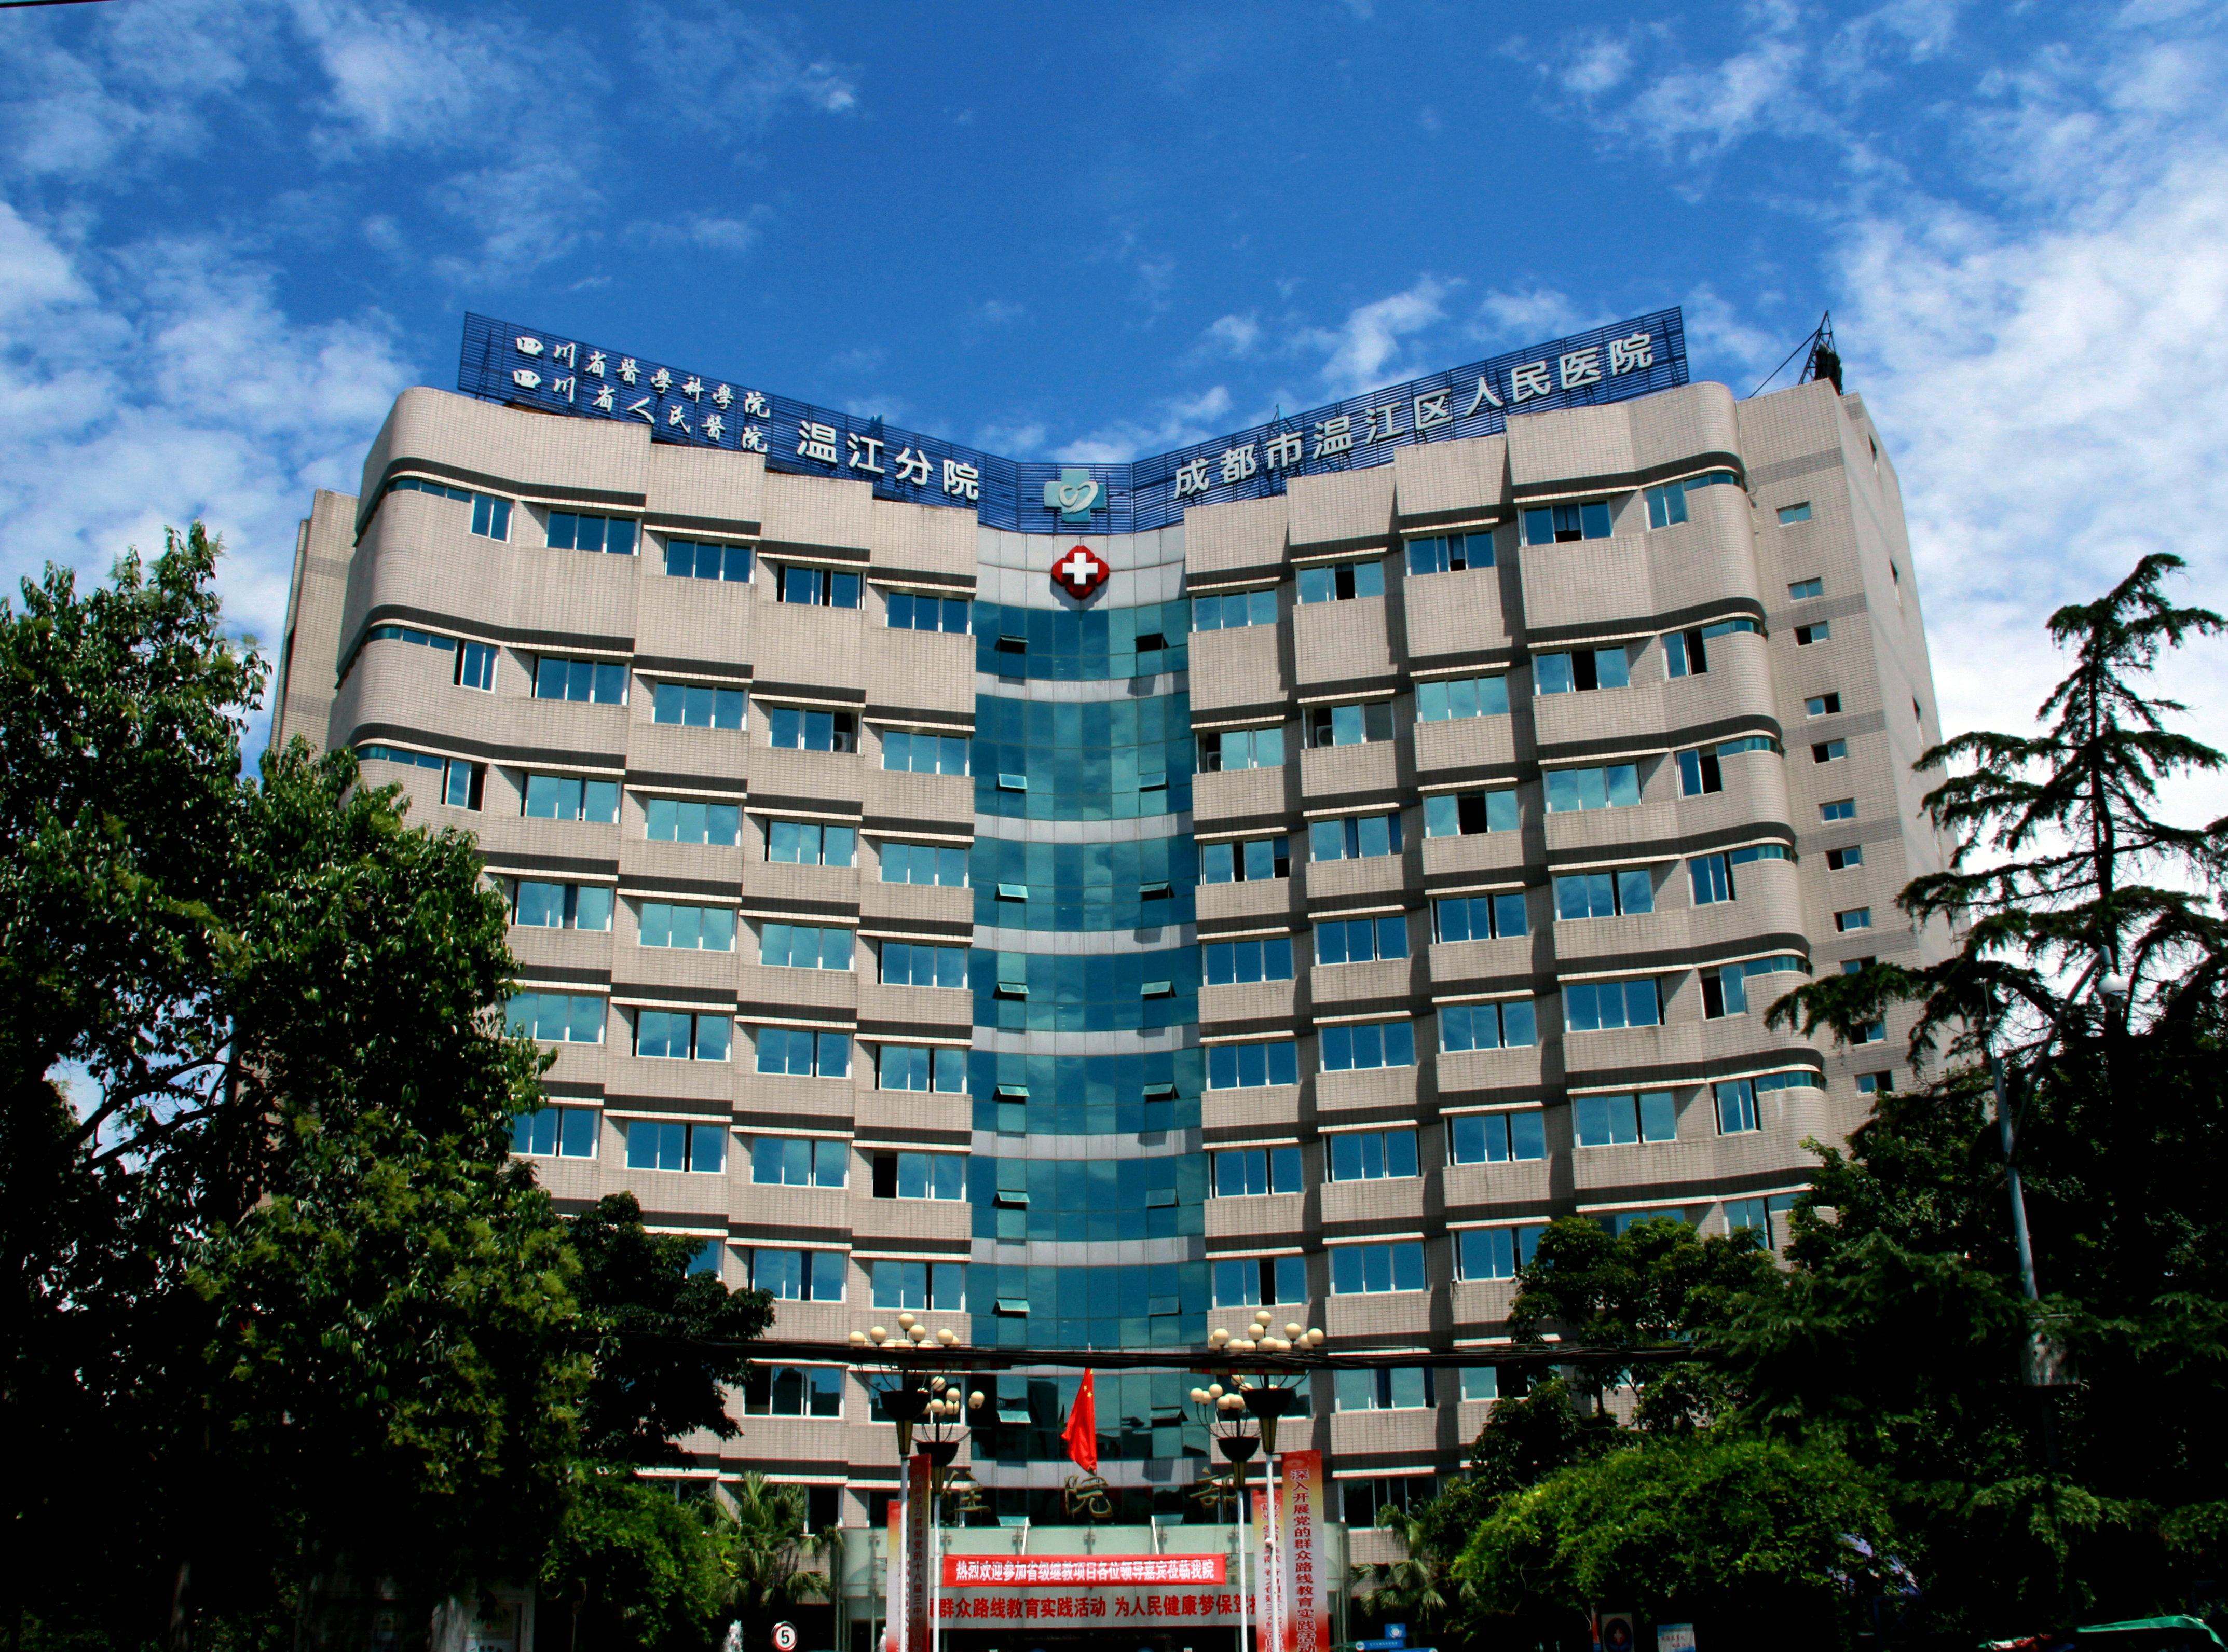 成都市温江区人民医院荣晋国家三级甲等综合医院